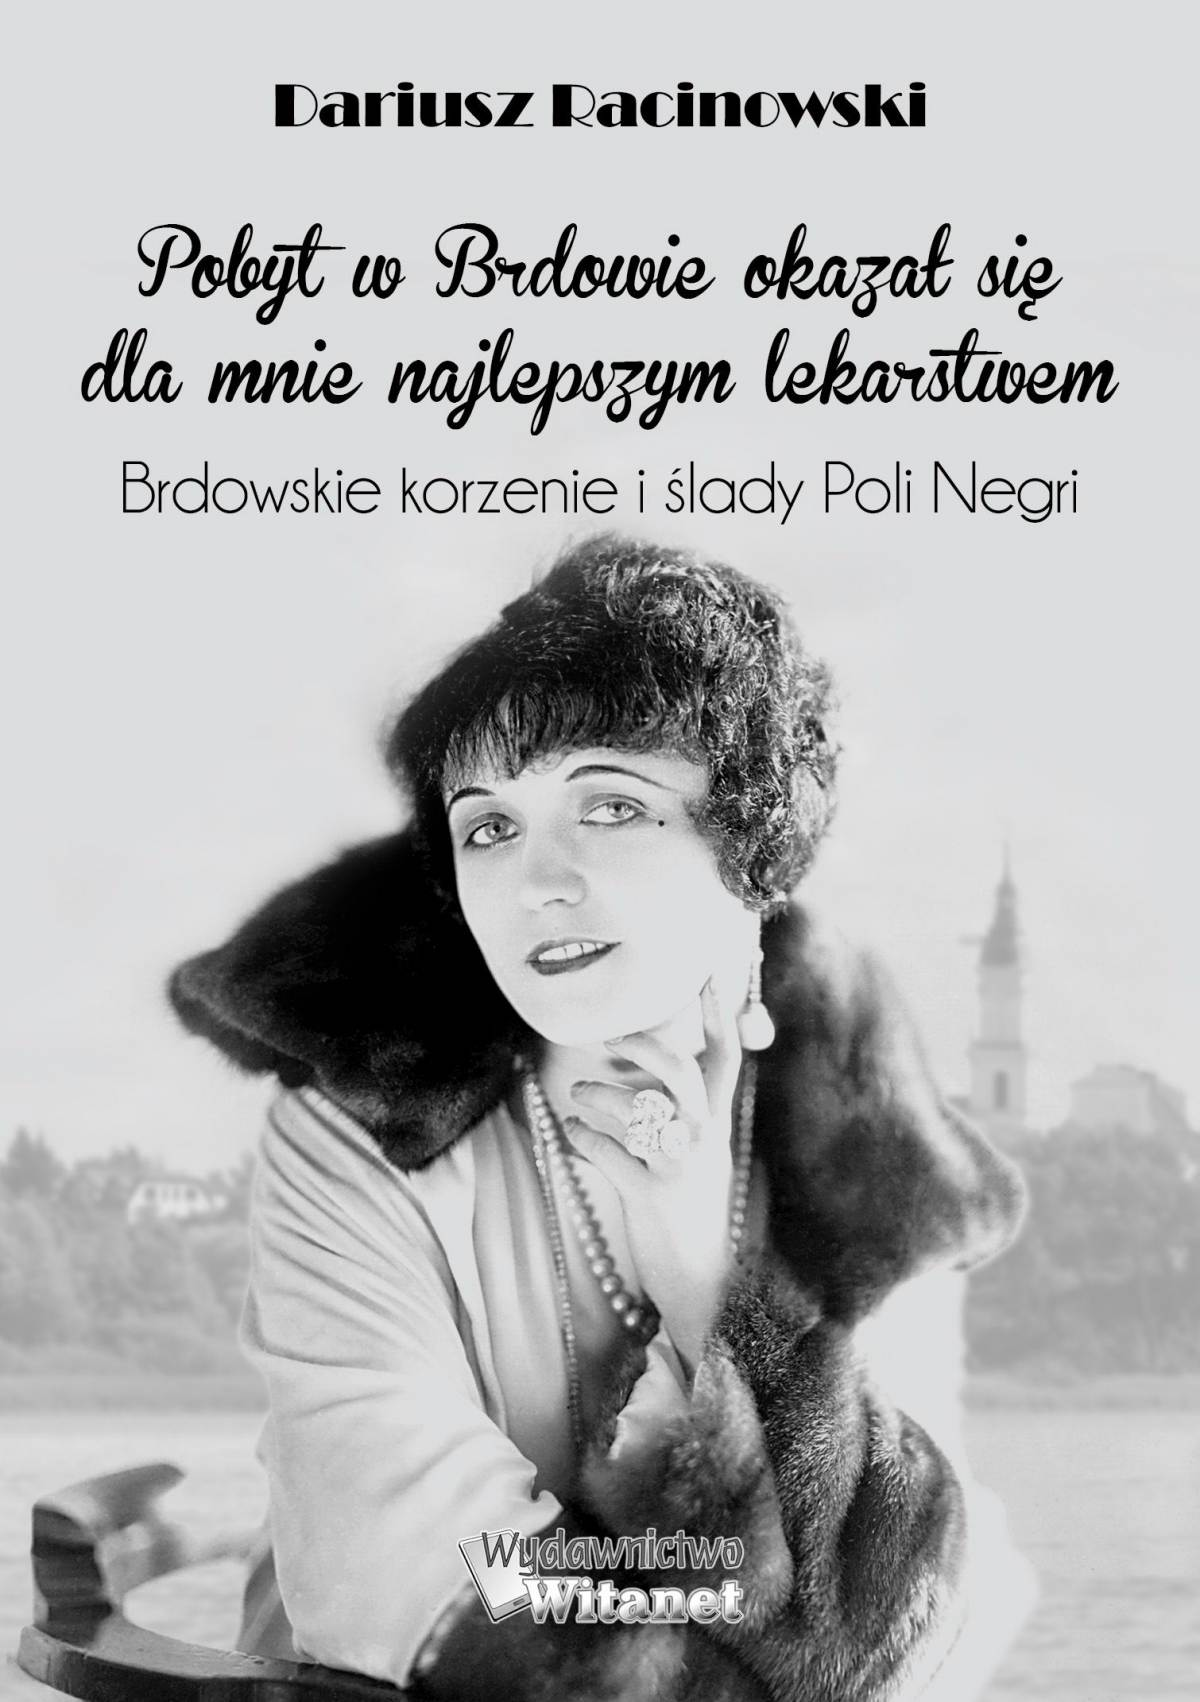 Pobyt w Brdowie okazał się dla mnie najlepszym lekarstwem. Brdowskie korzenie i ślady Poli Negri. - Ebook (Książka na Kindle) do pobrania w formacie MOBI